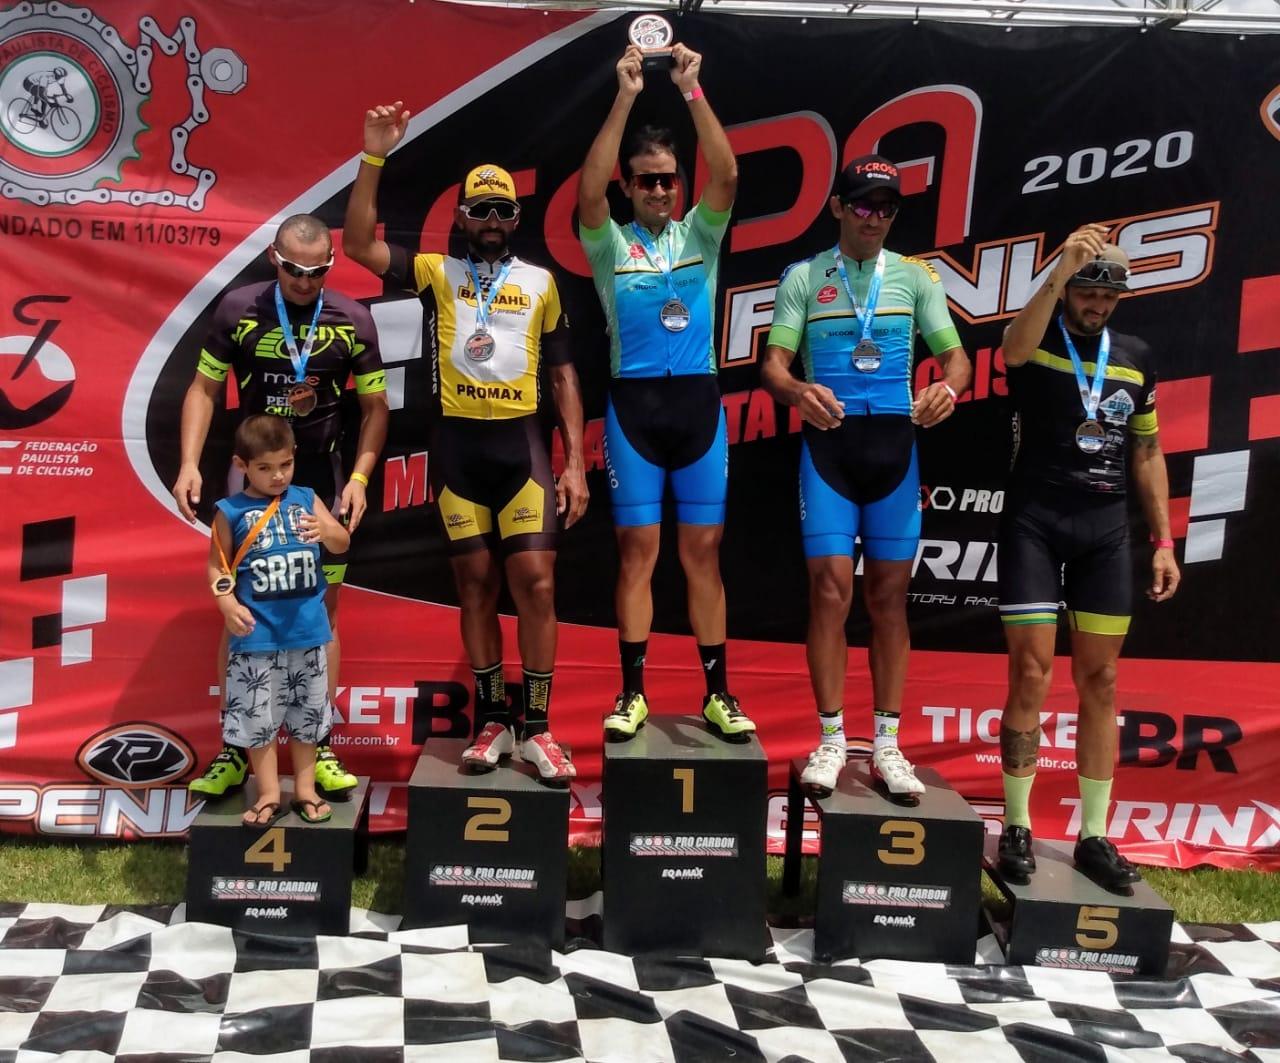 Ciclista Promax Bardahl é vice-campeão da segunda etapa da Copa Penks 2020